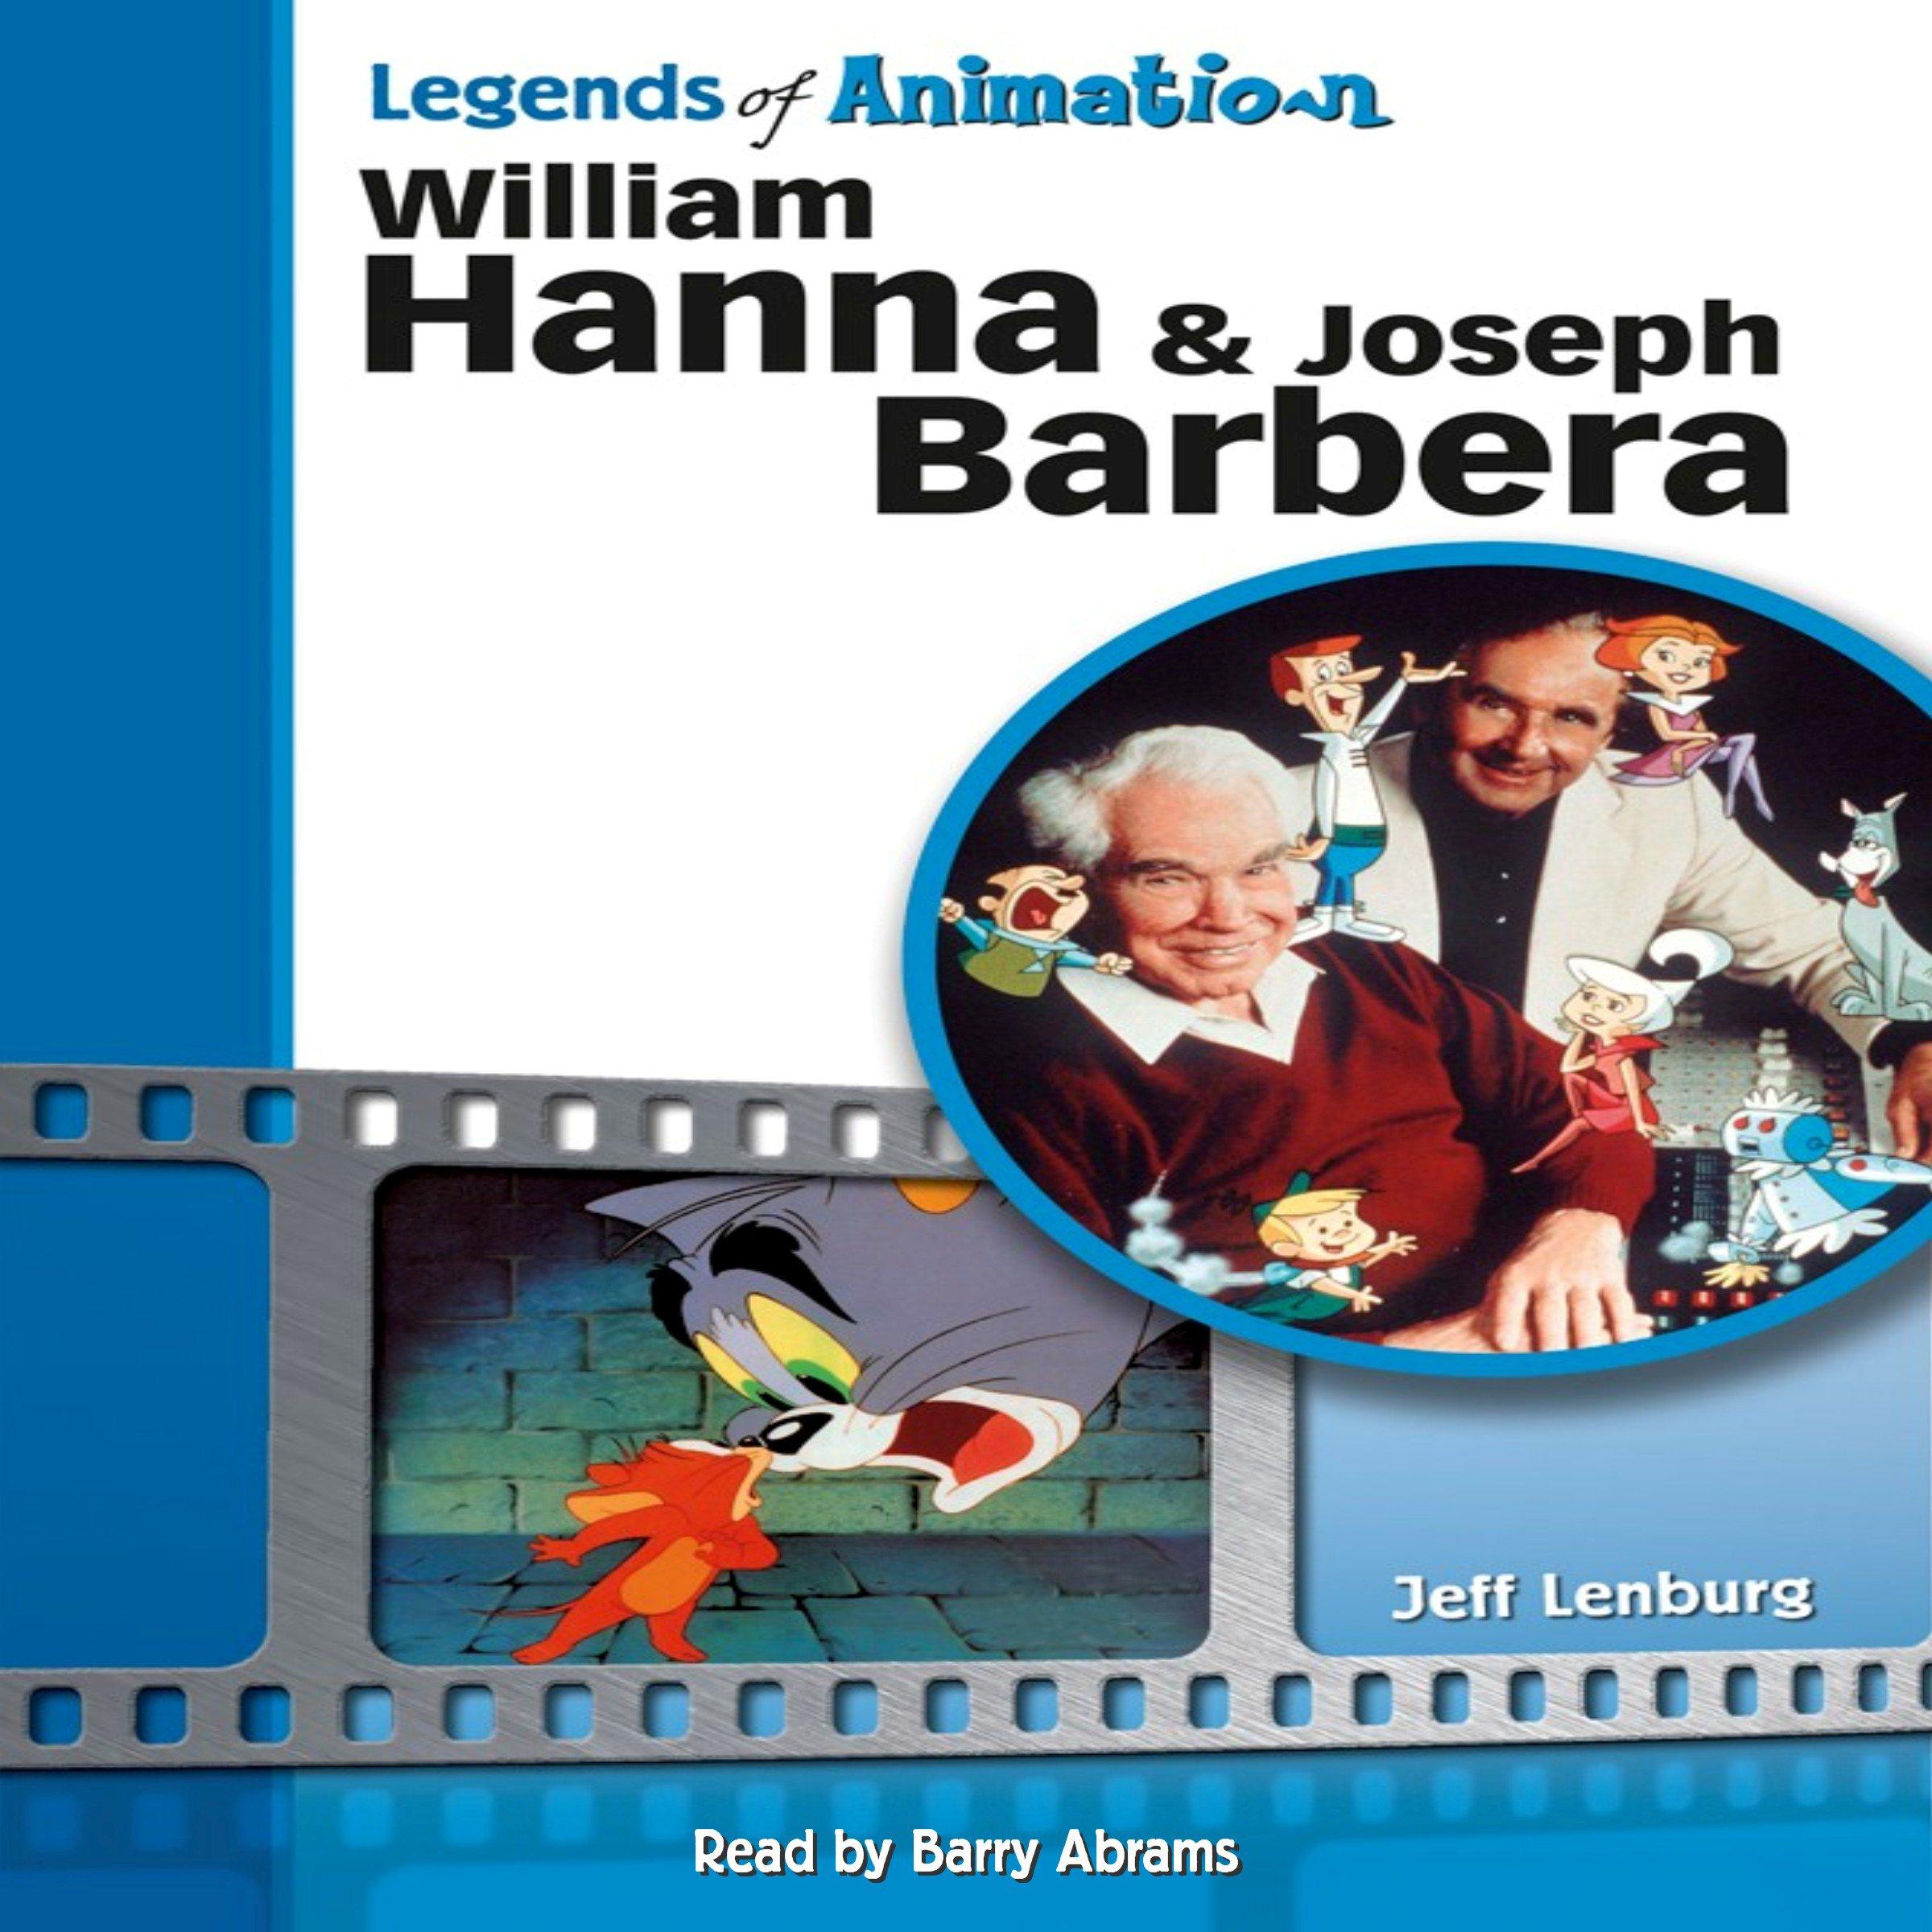 William Hanna and Joseph Barbera: The Sultans of